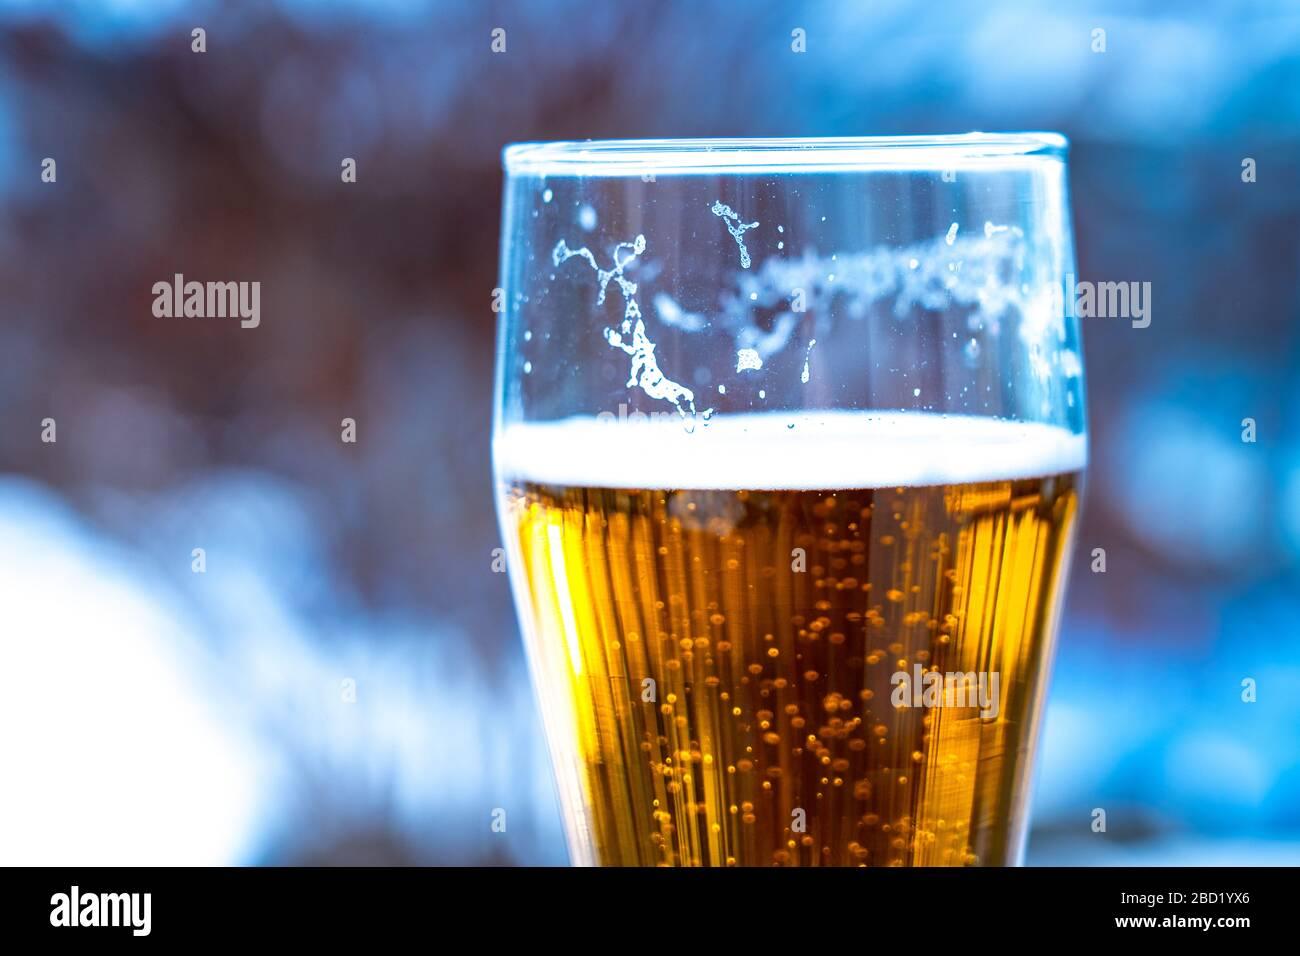 Bière légère dans un gobelet en verre lors d'un pique-nique avec fond de neige. Mousse de bière sur les murs d'un verre au soleil Banque D'Images